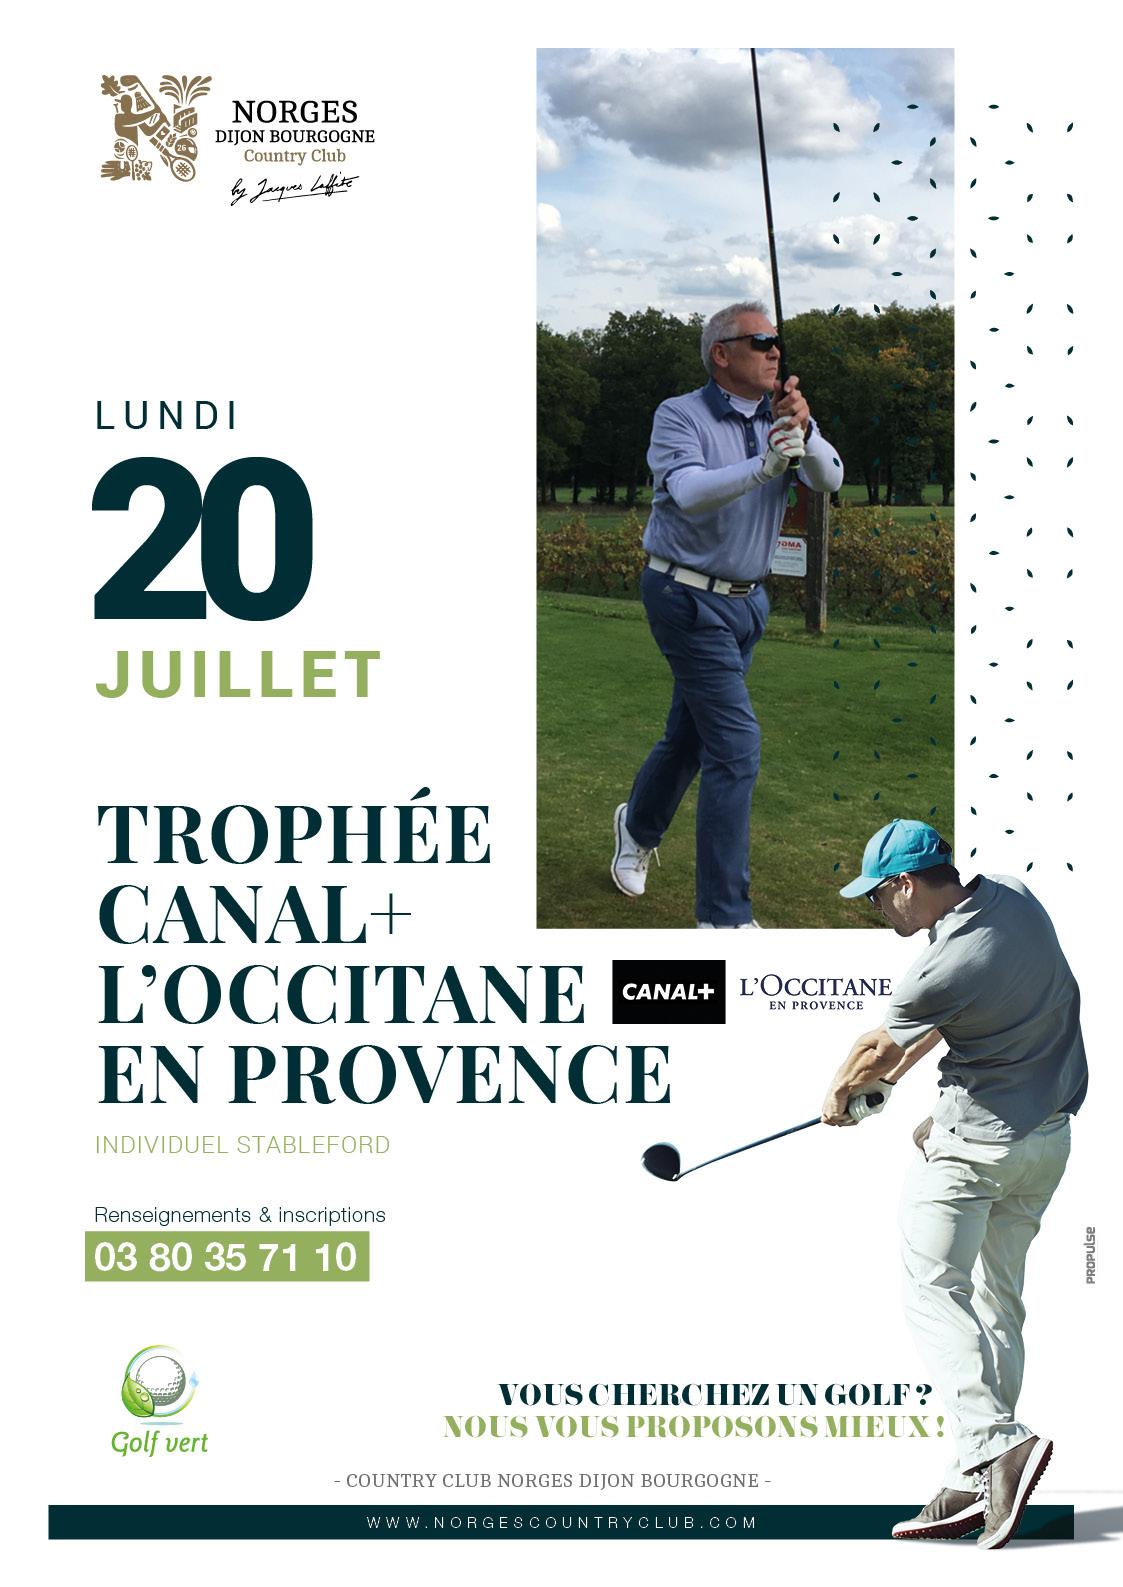 Trophée Canal+ l'Occitane en Provence